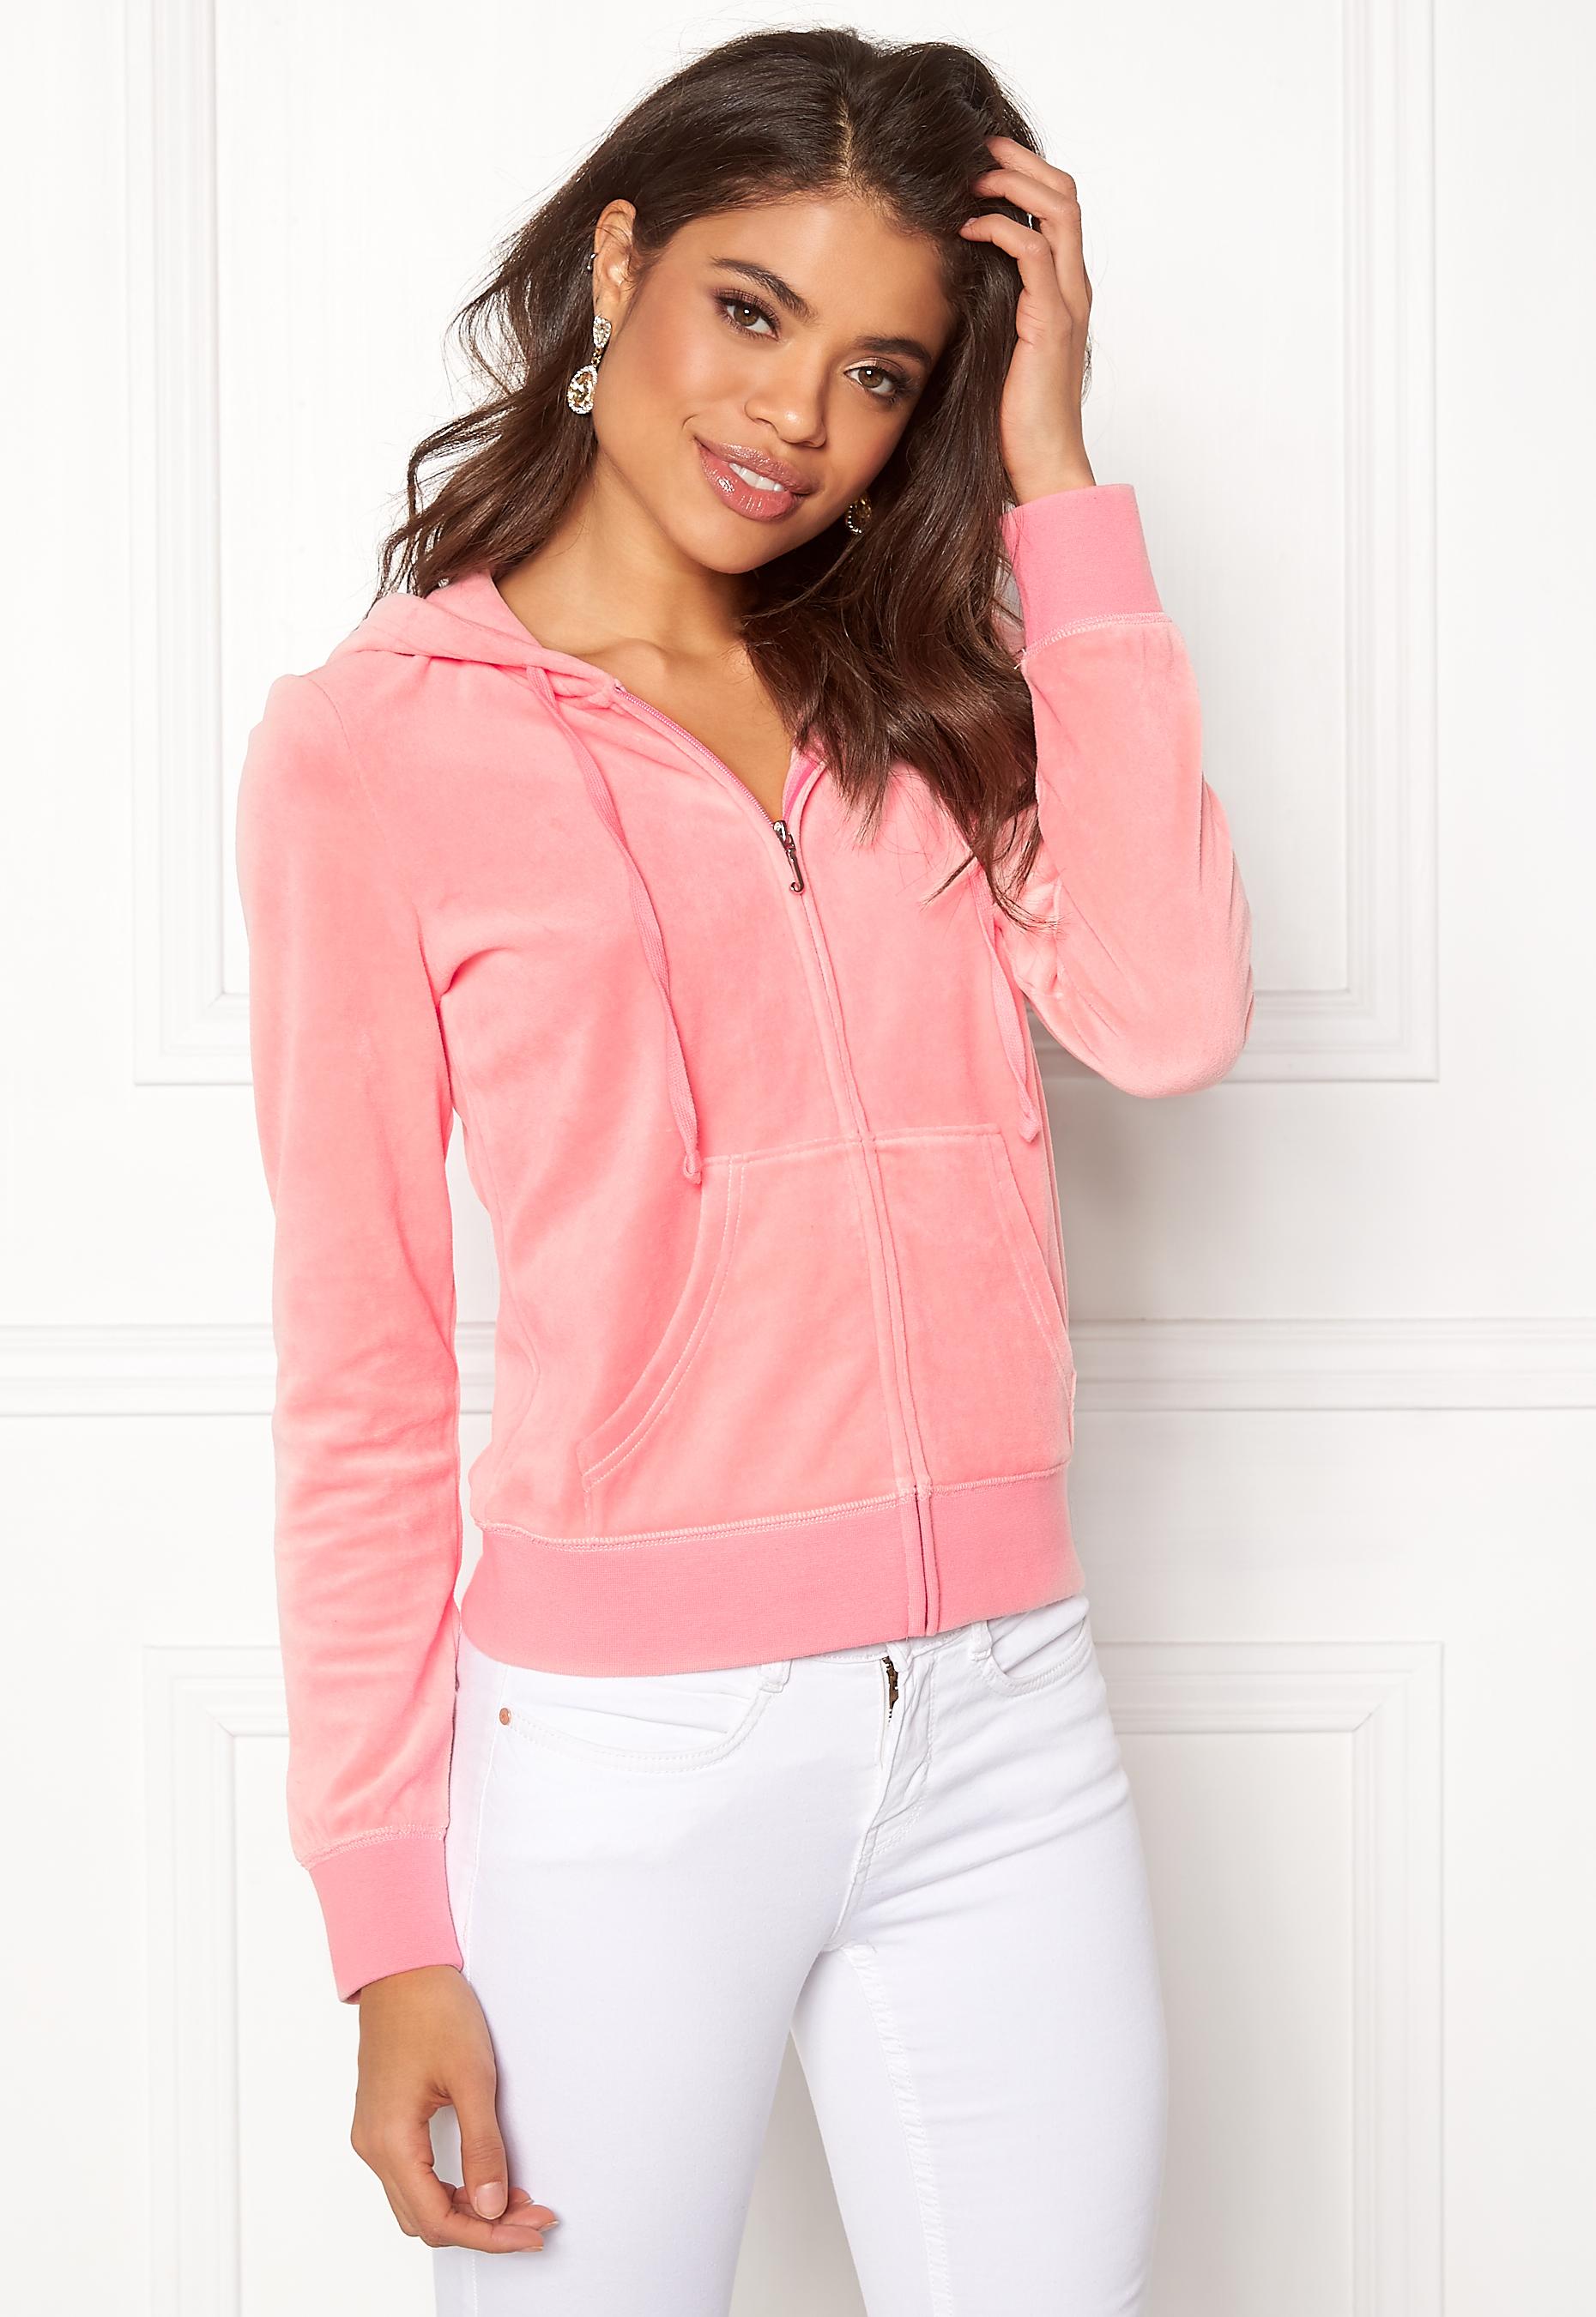 e2d412c2 Juicy Couture Velour Robertson Jacket Sorbet Pink - Bubbleroom